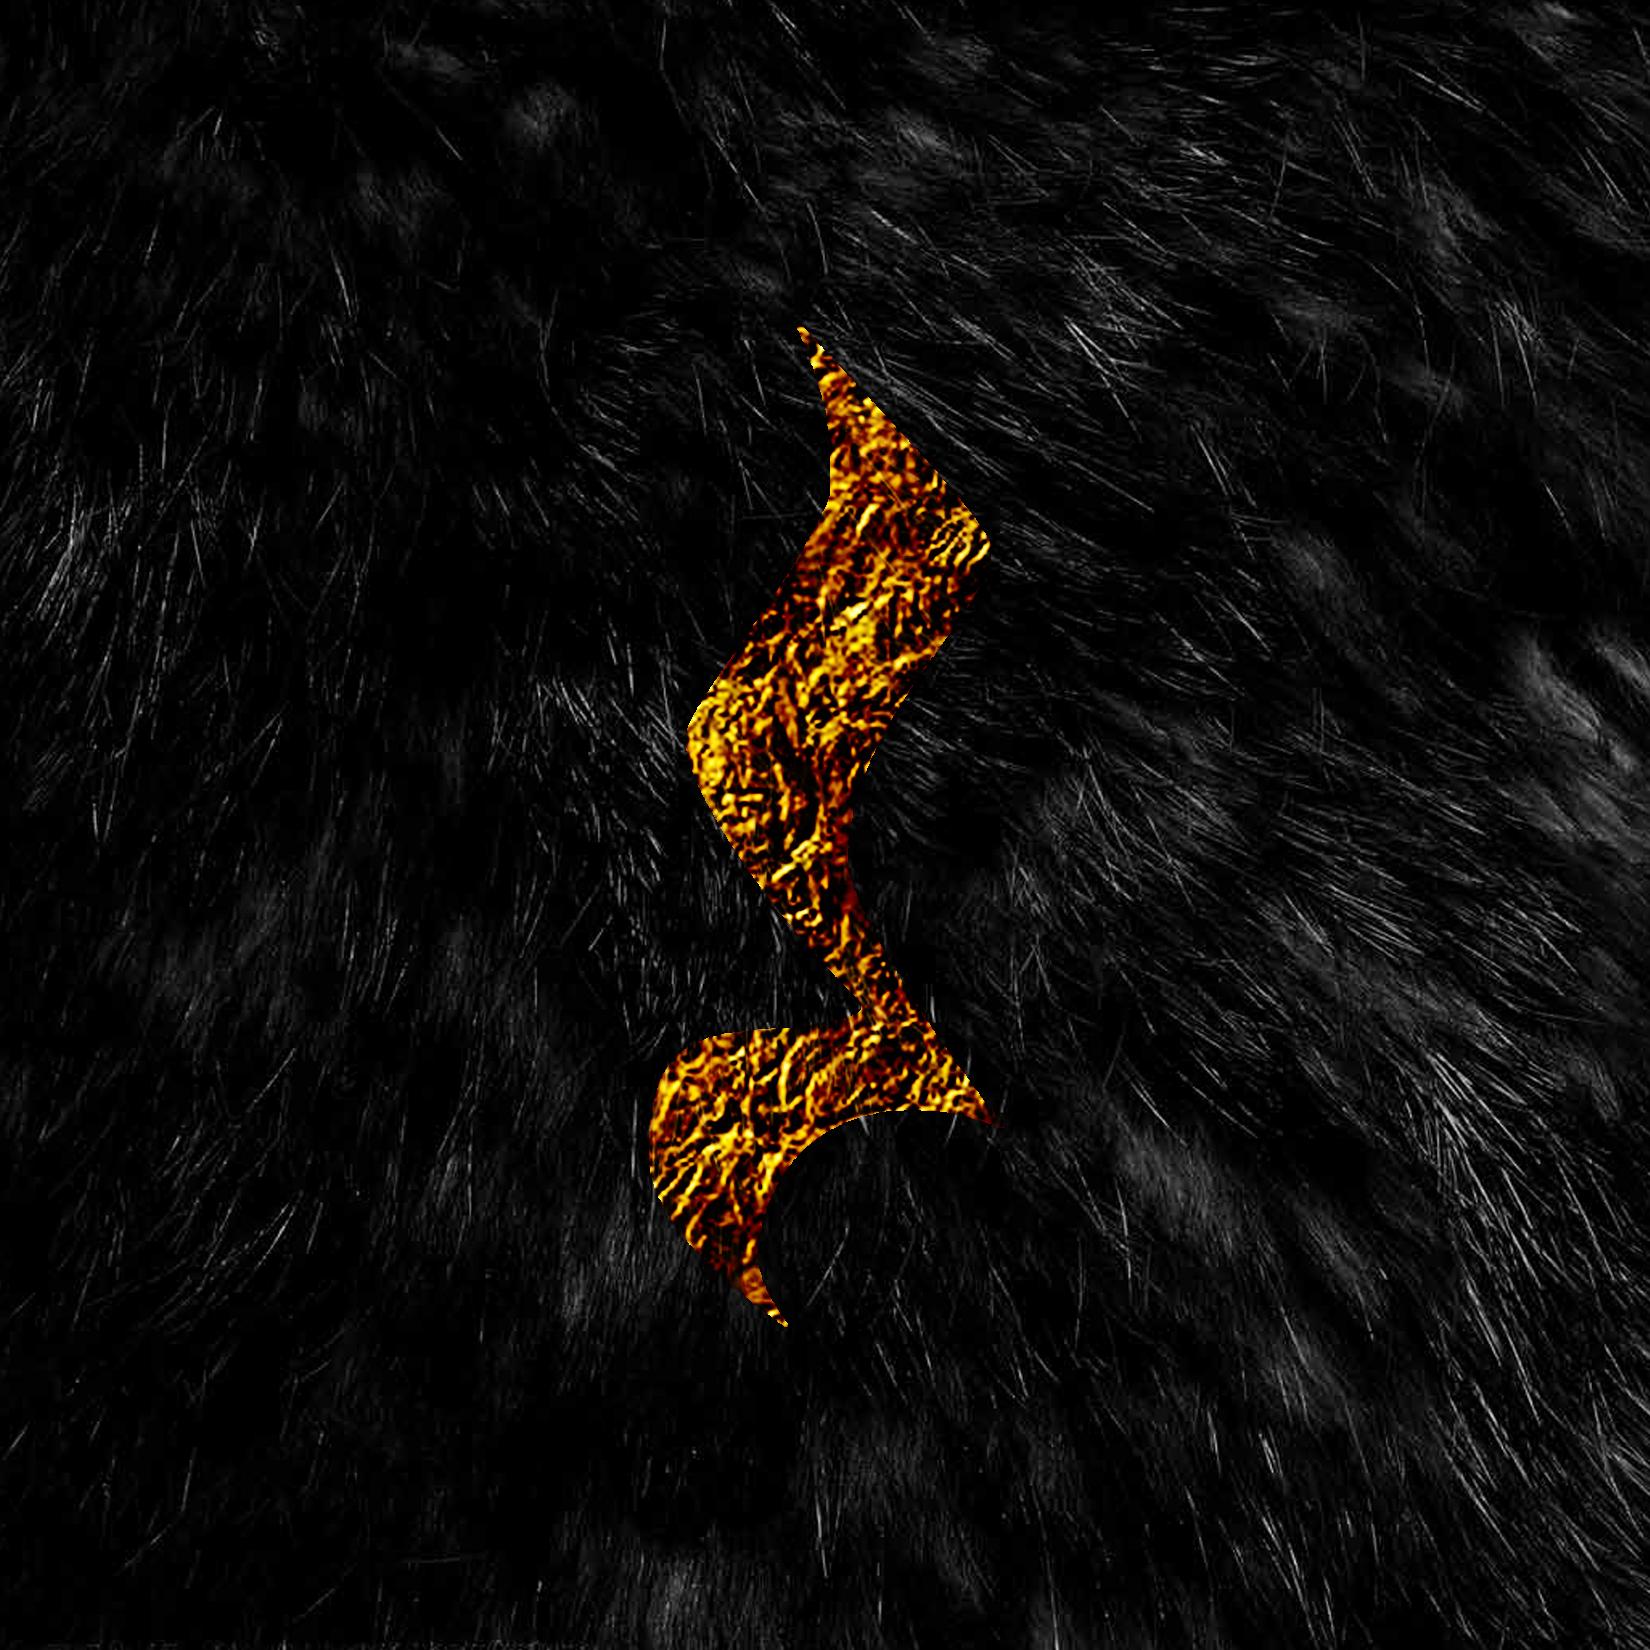 Moment of Silence (deLUXE) album art